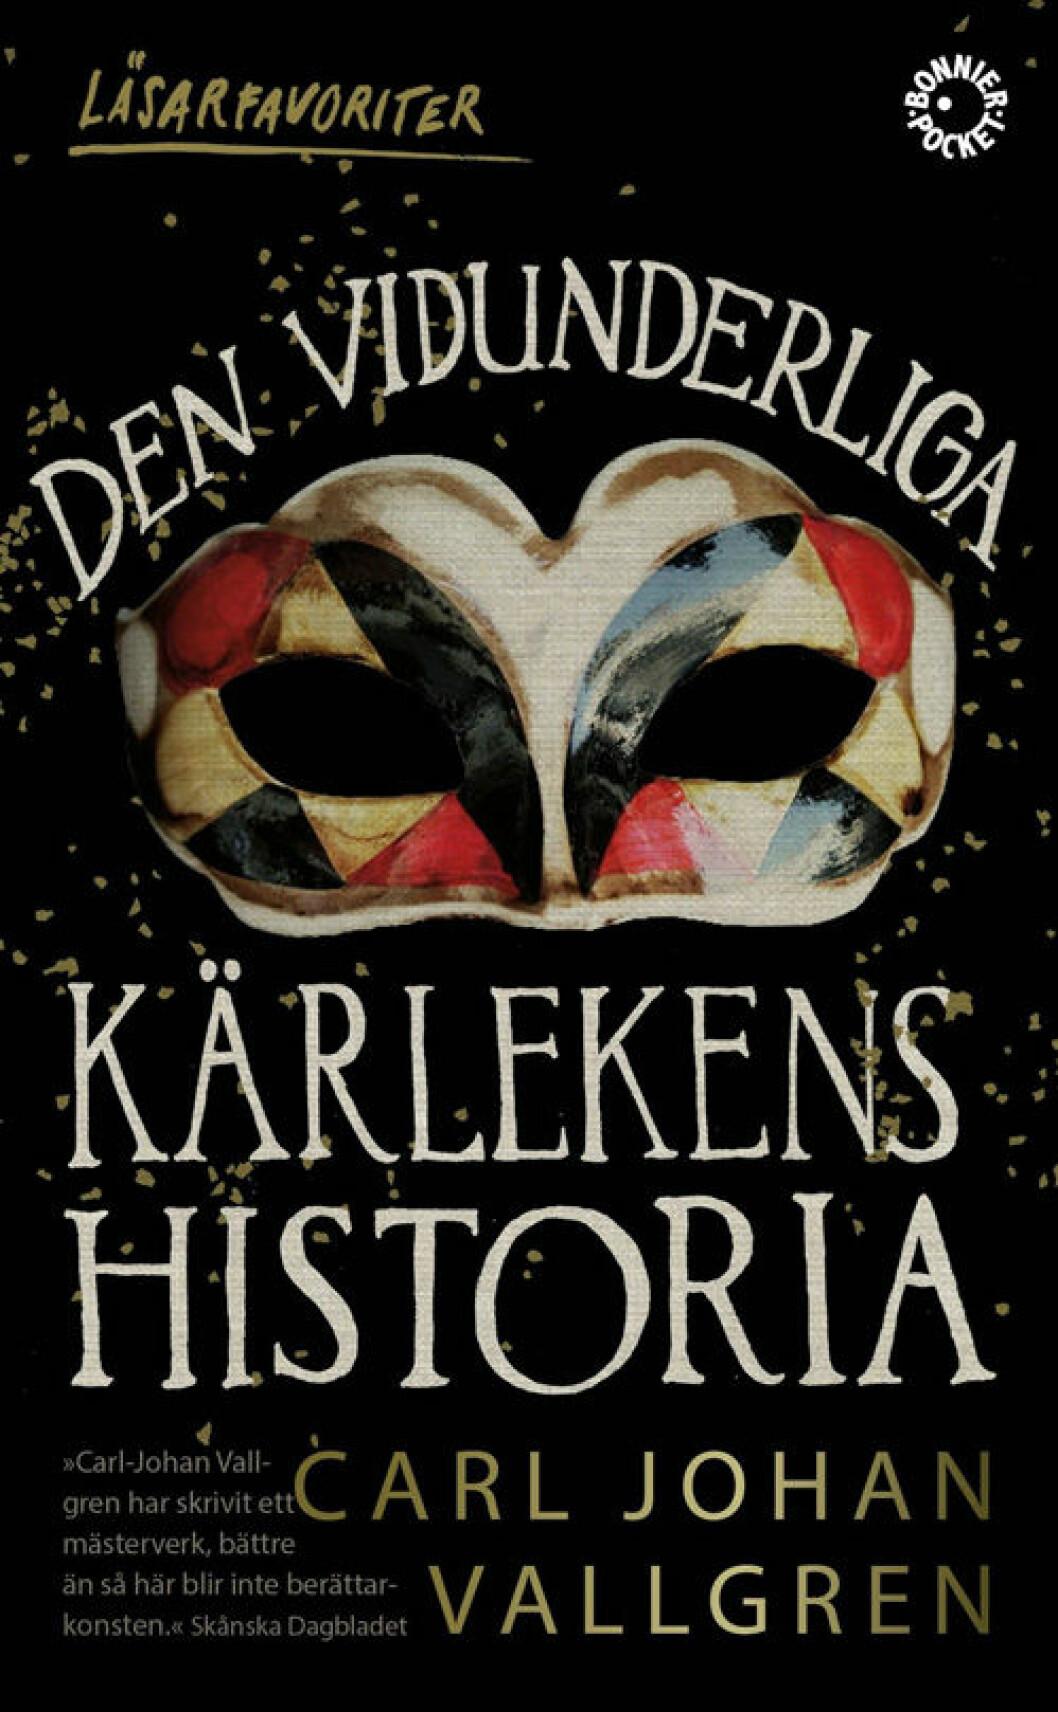 Den vidunderliga kärlekens historia av Carl Johan Vallgren.